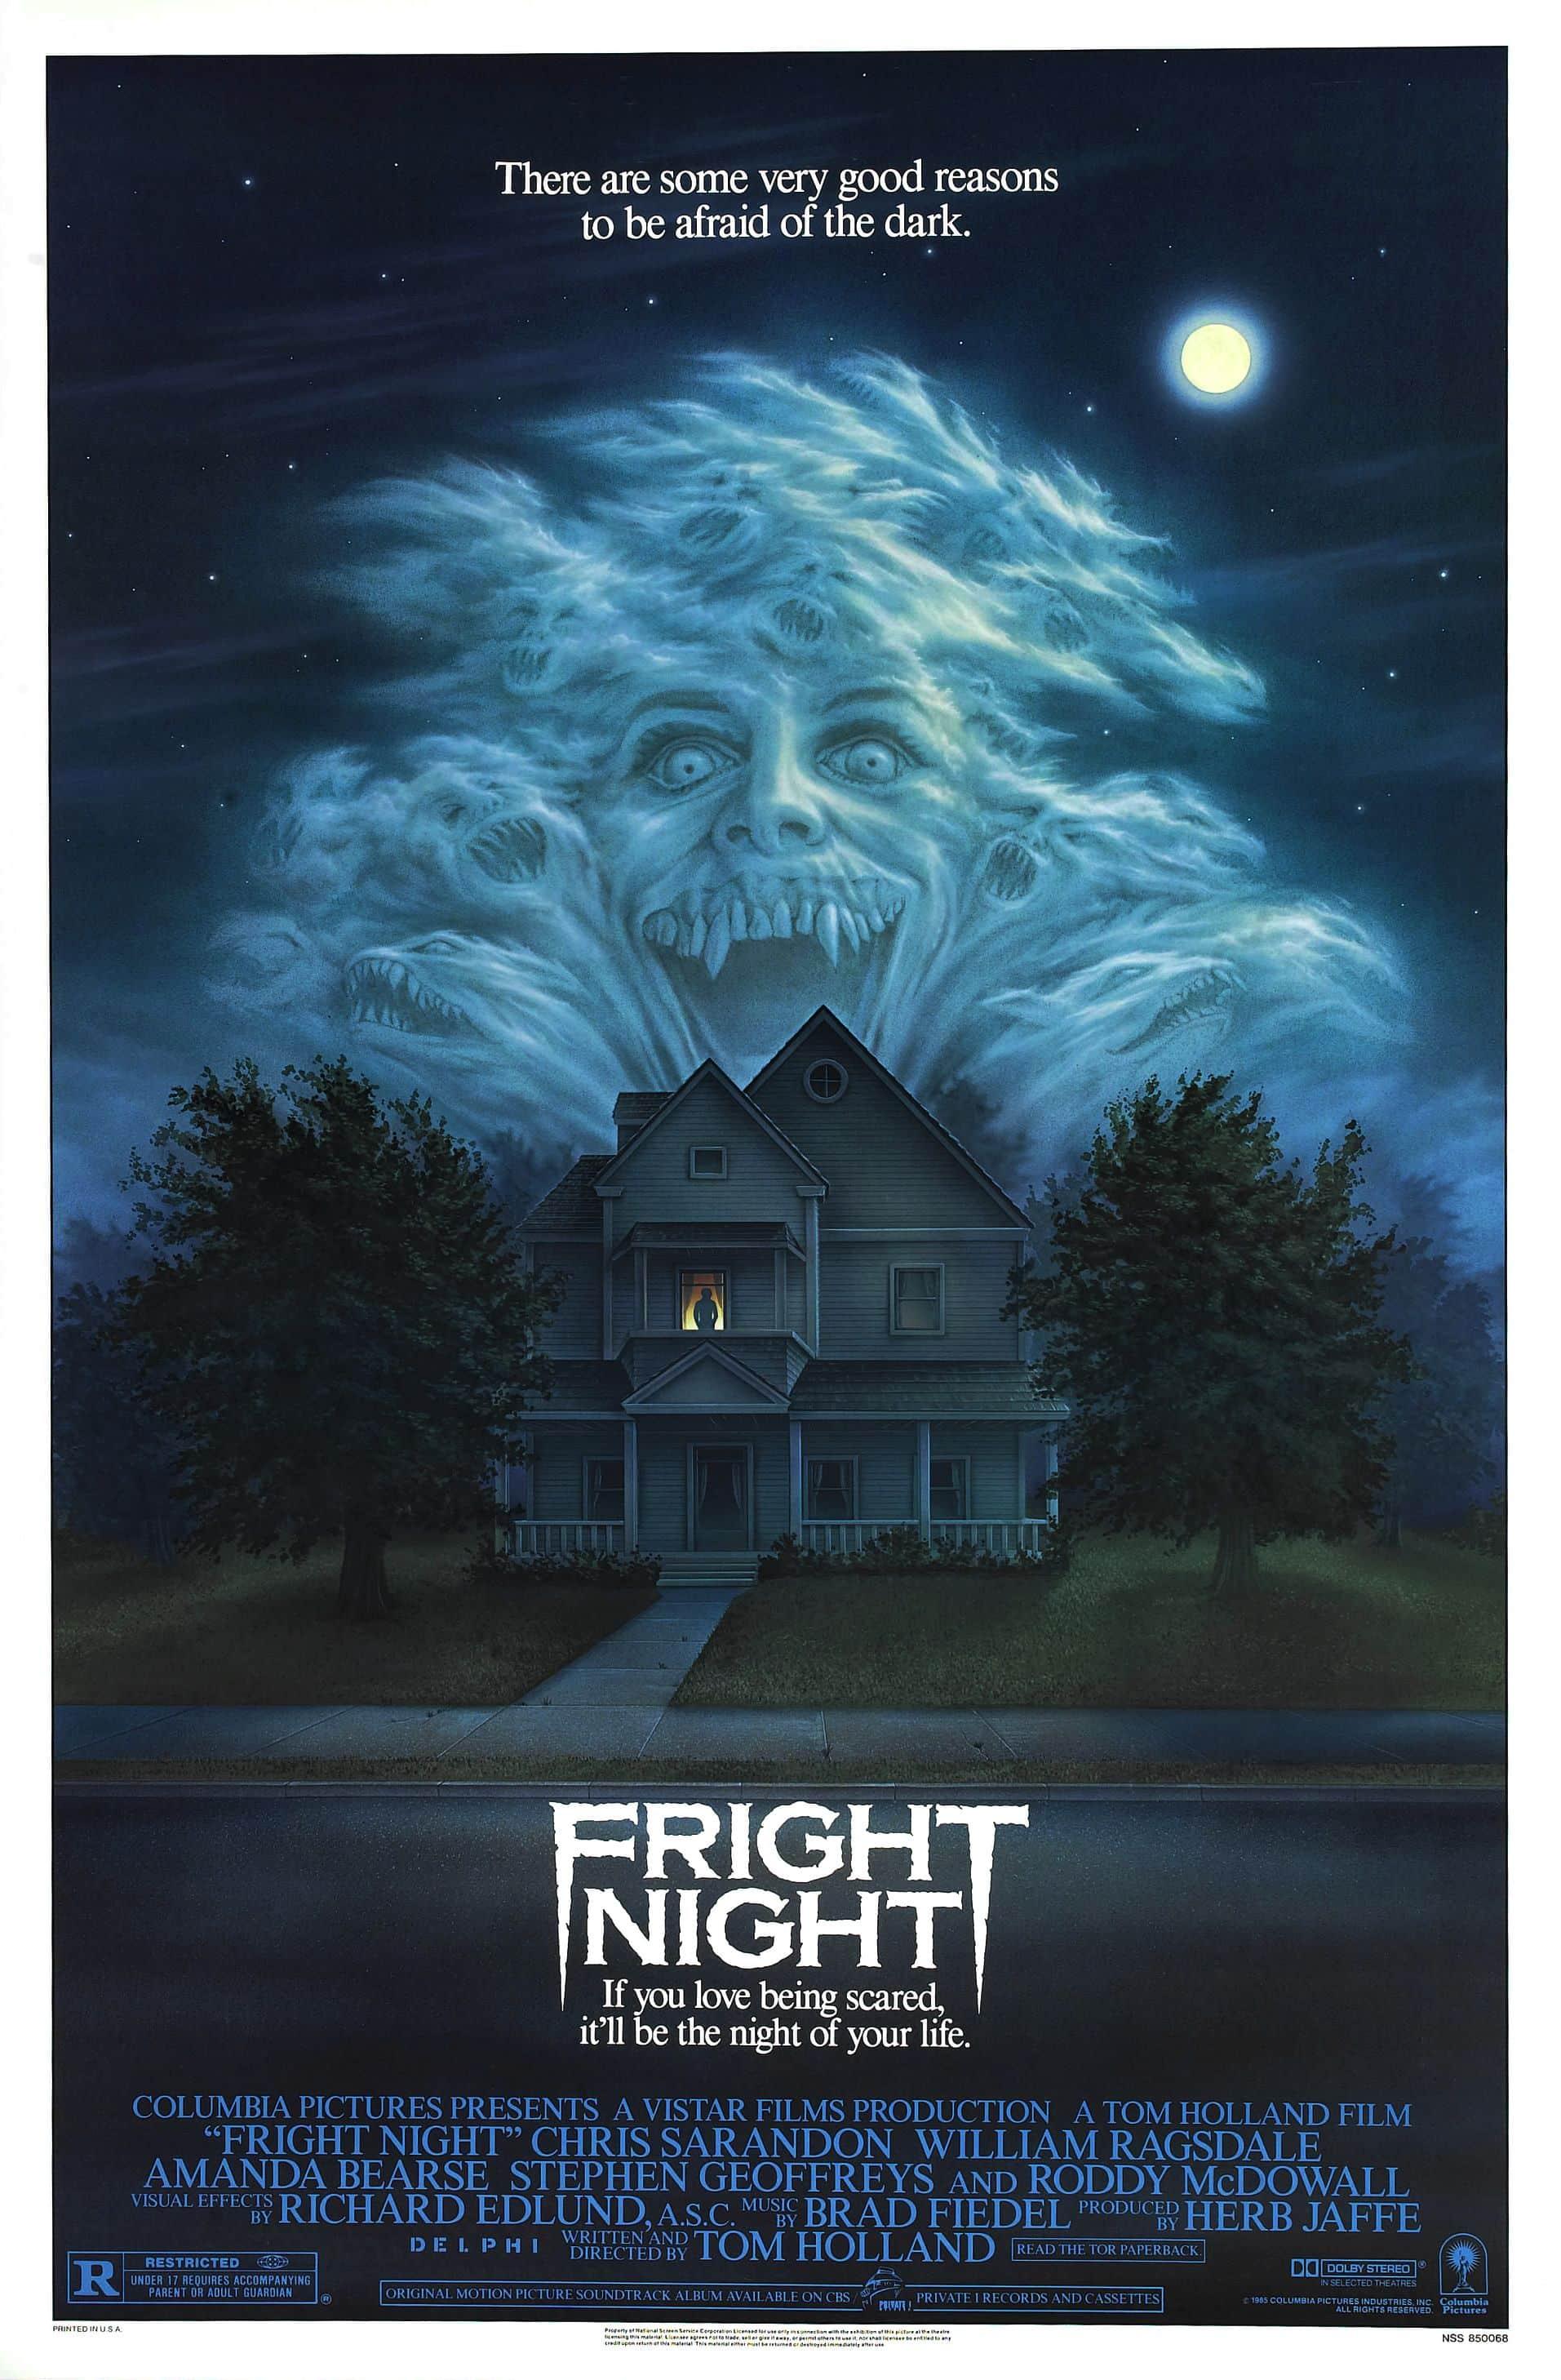 Filmes De Comedia Dos Anos 80 with regard to 12 indispensáveis filmes de terror dos anos 80 - | música e cinema